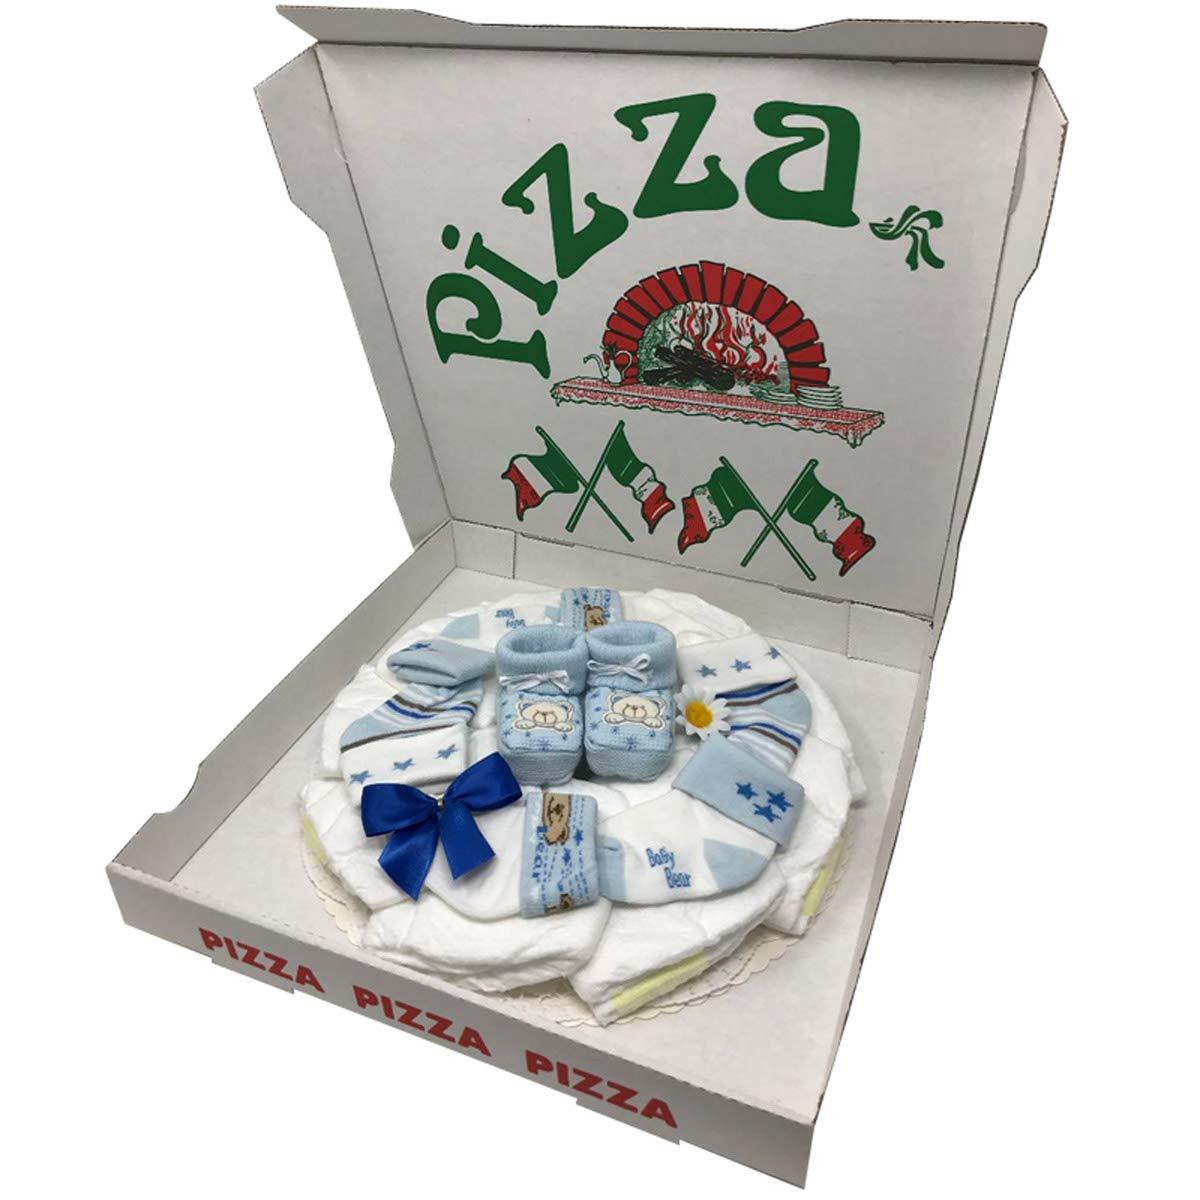 Babyparty oder Geburt.Windeltorte Windelpizza Booties Boy Blau Geschenk zur Taufe